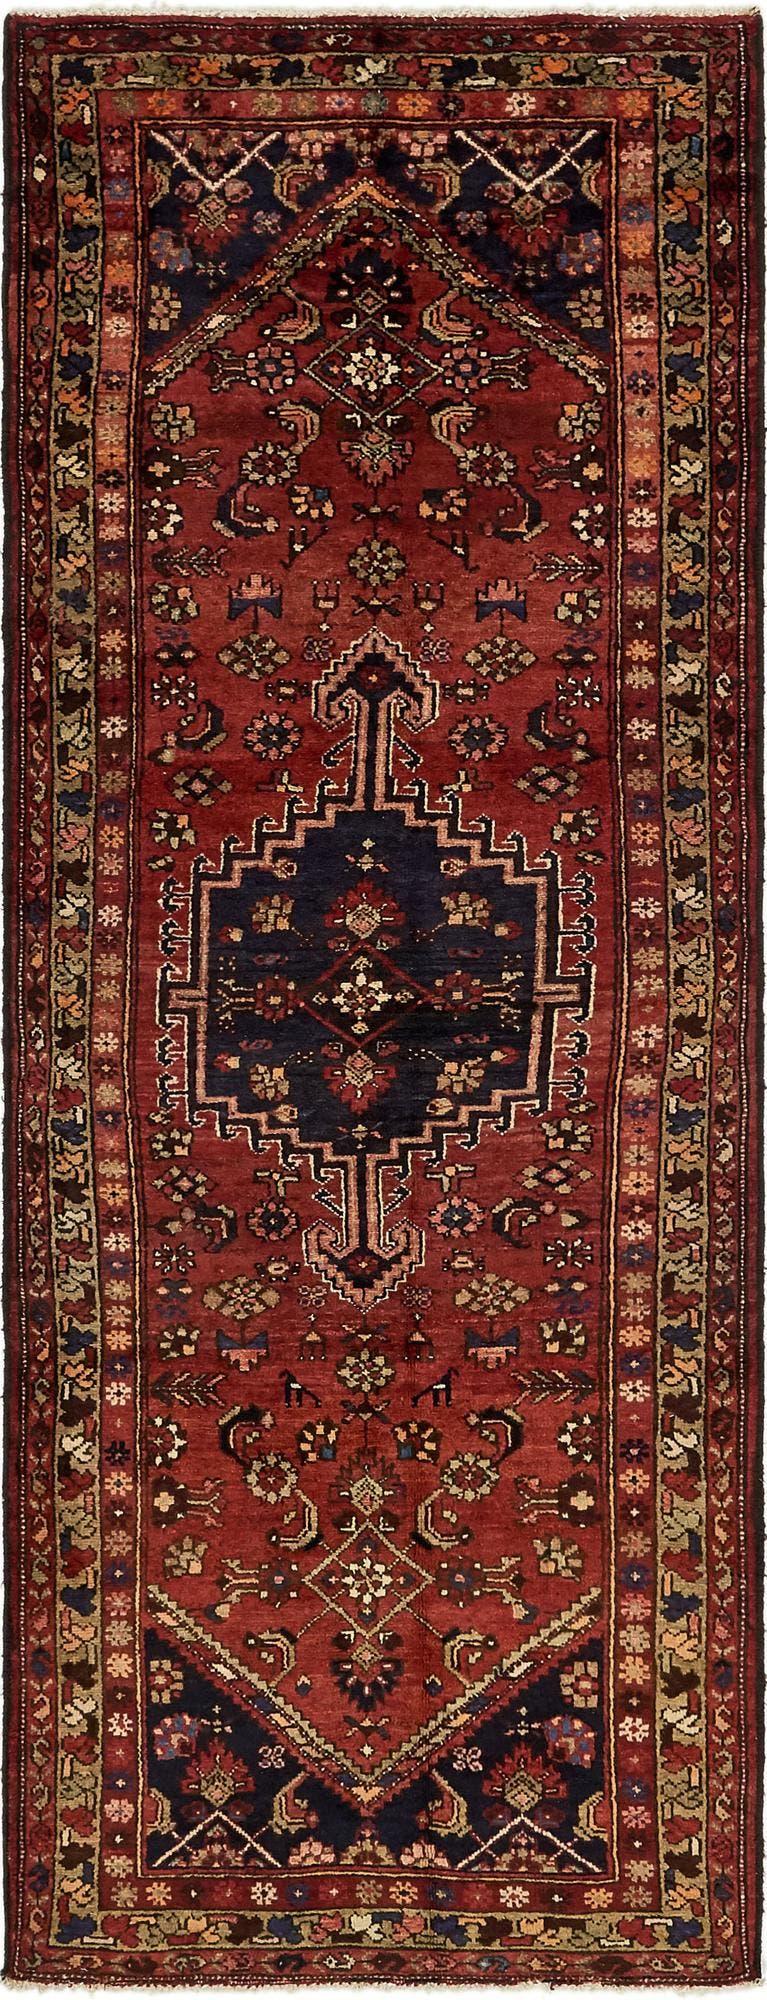 3' 6 x 9' 3 Zanjan Persian Runner Rug main image